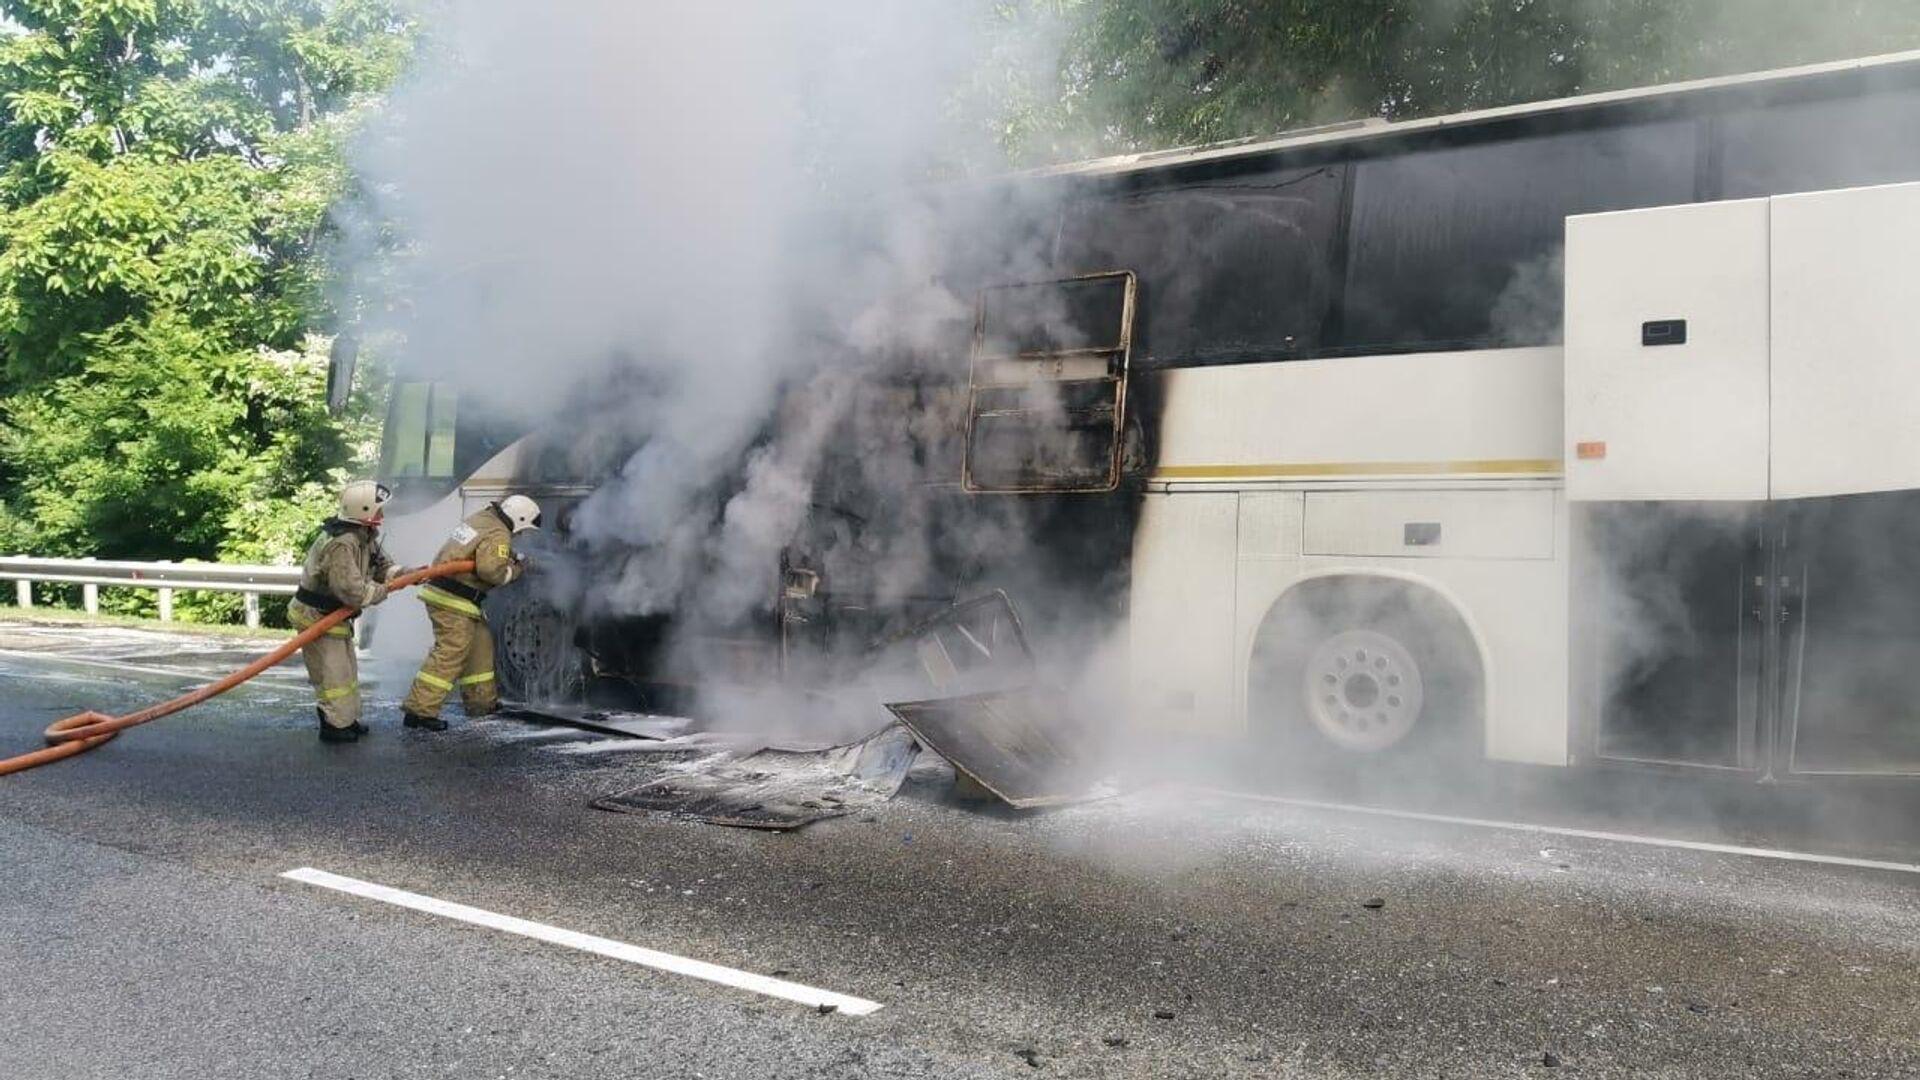 Два автобуса столкнулись на трассе Джубга-Сочи в Туапсинском районе, один из них загорелся - РИА Новости, 1920, 21.06.2021